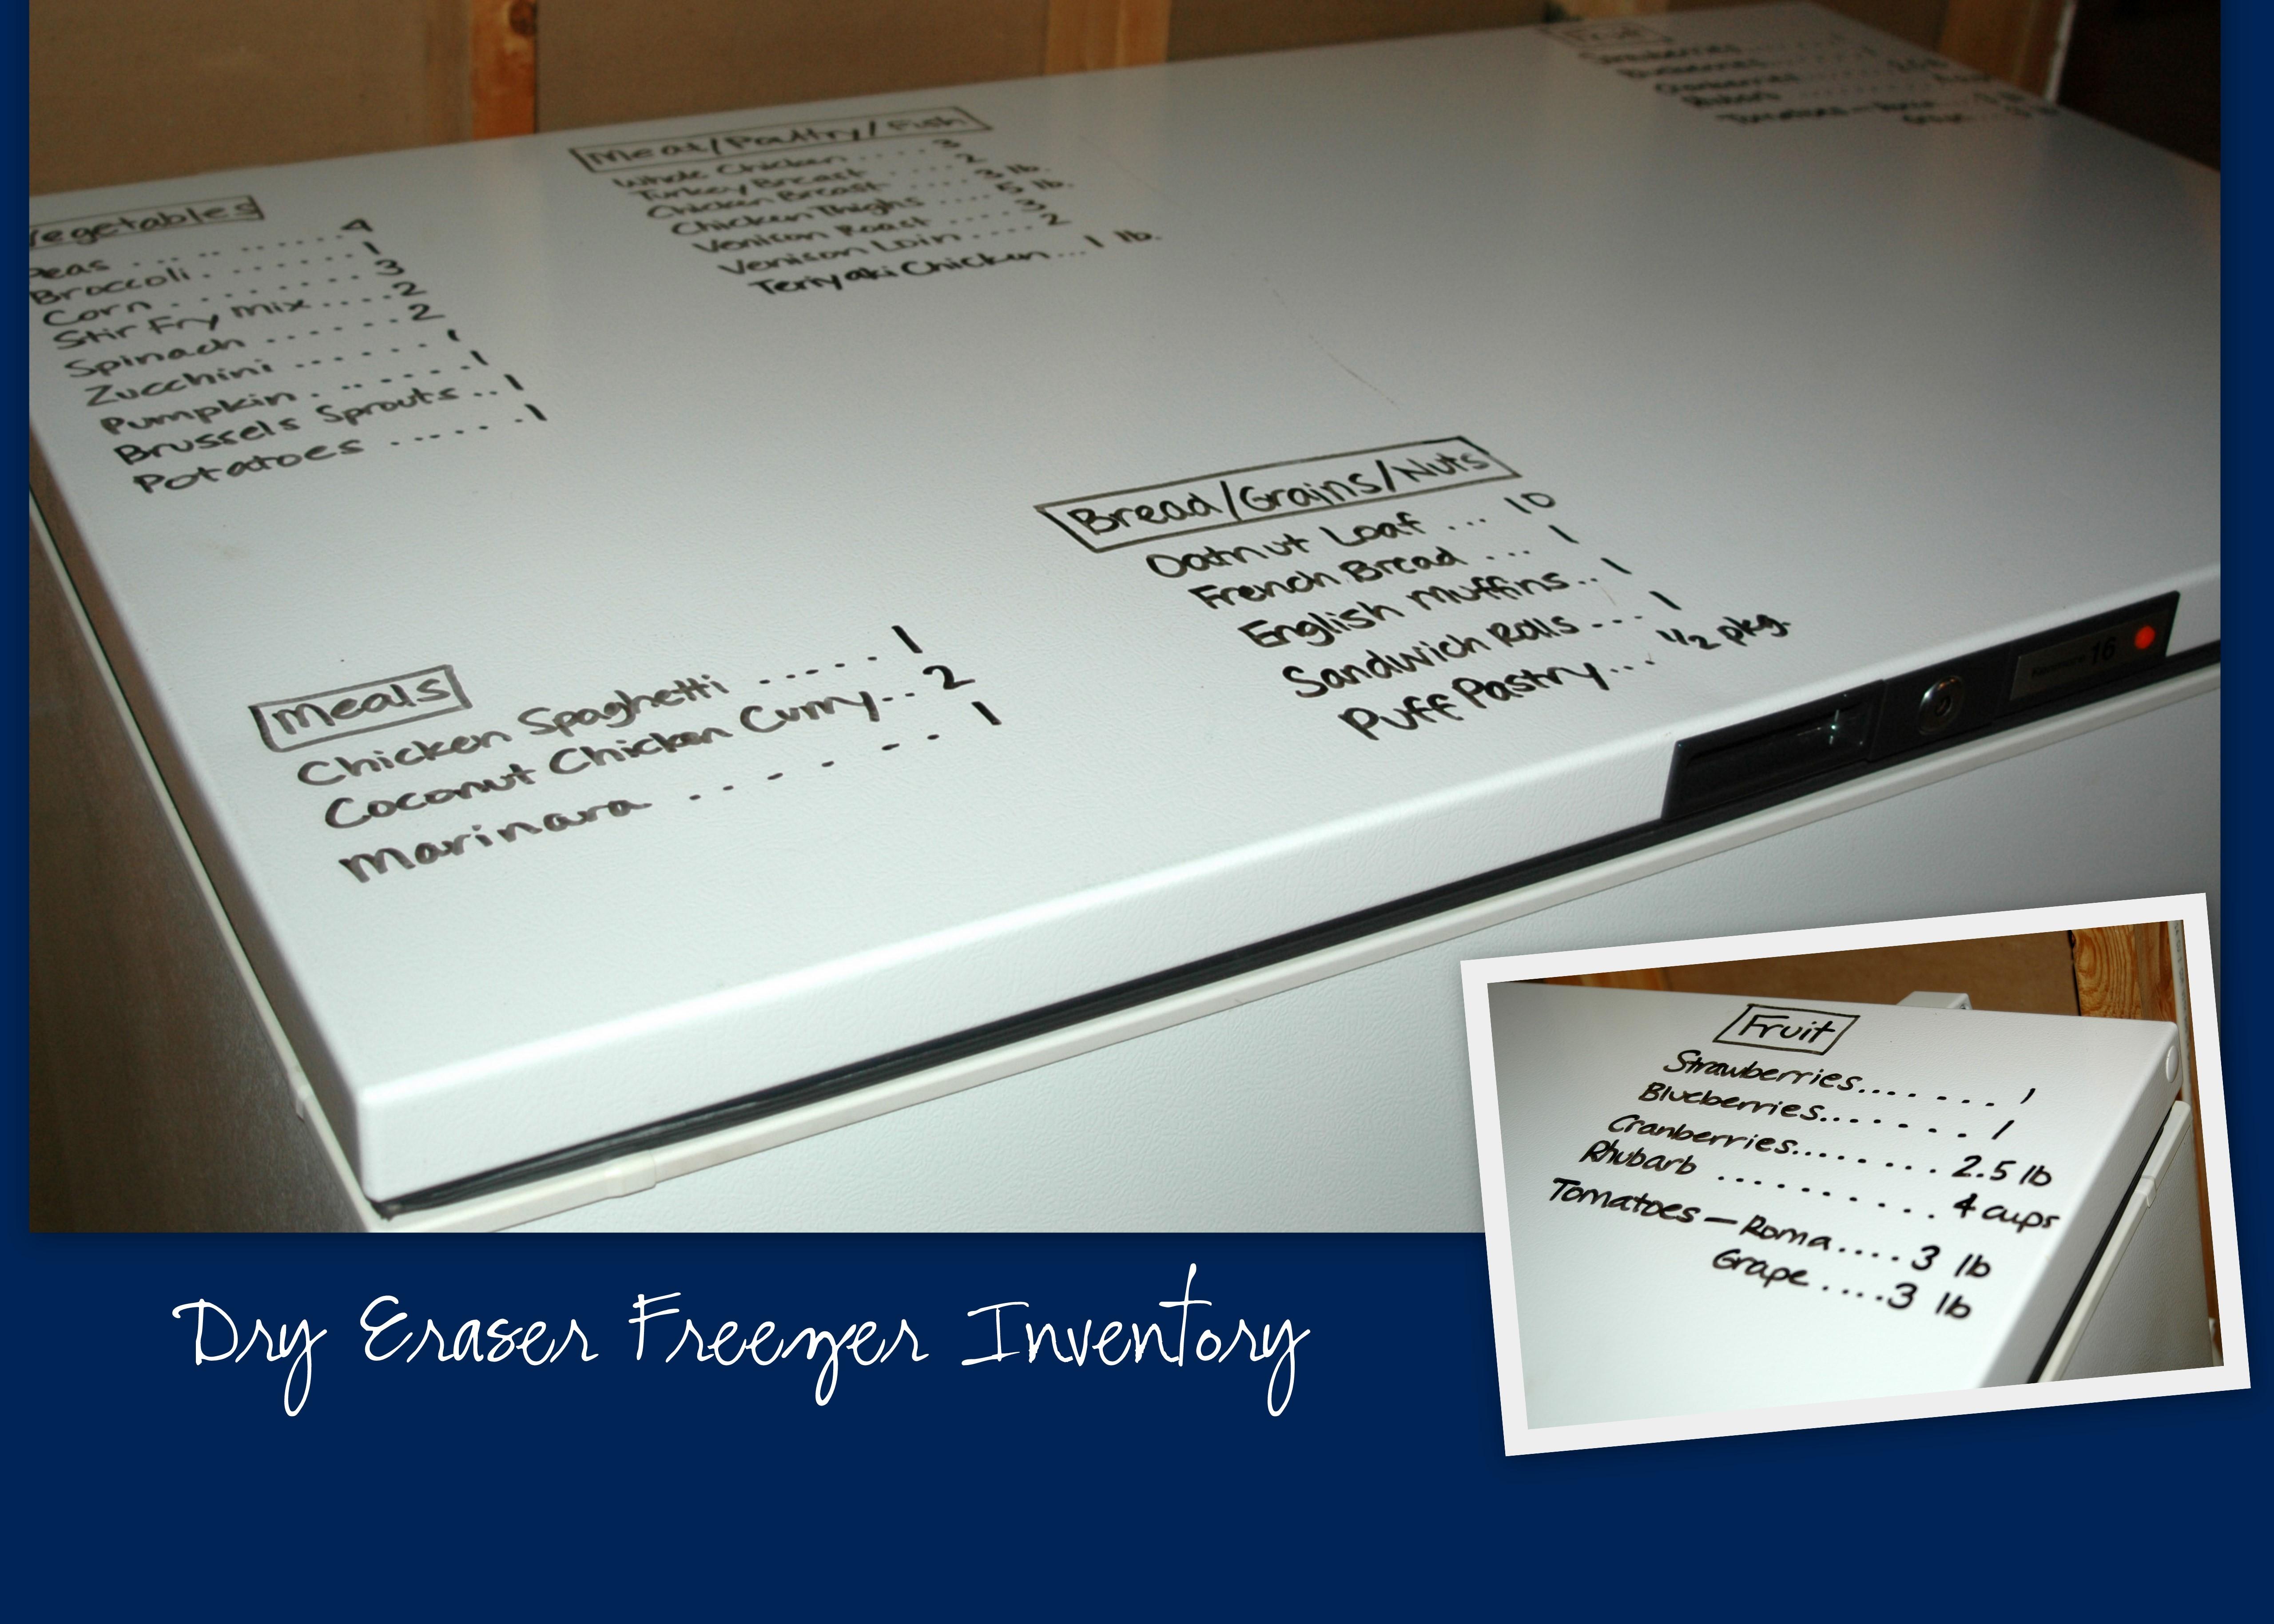 dry erase freezer inventory